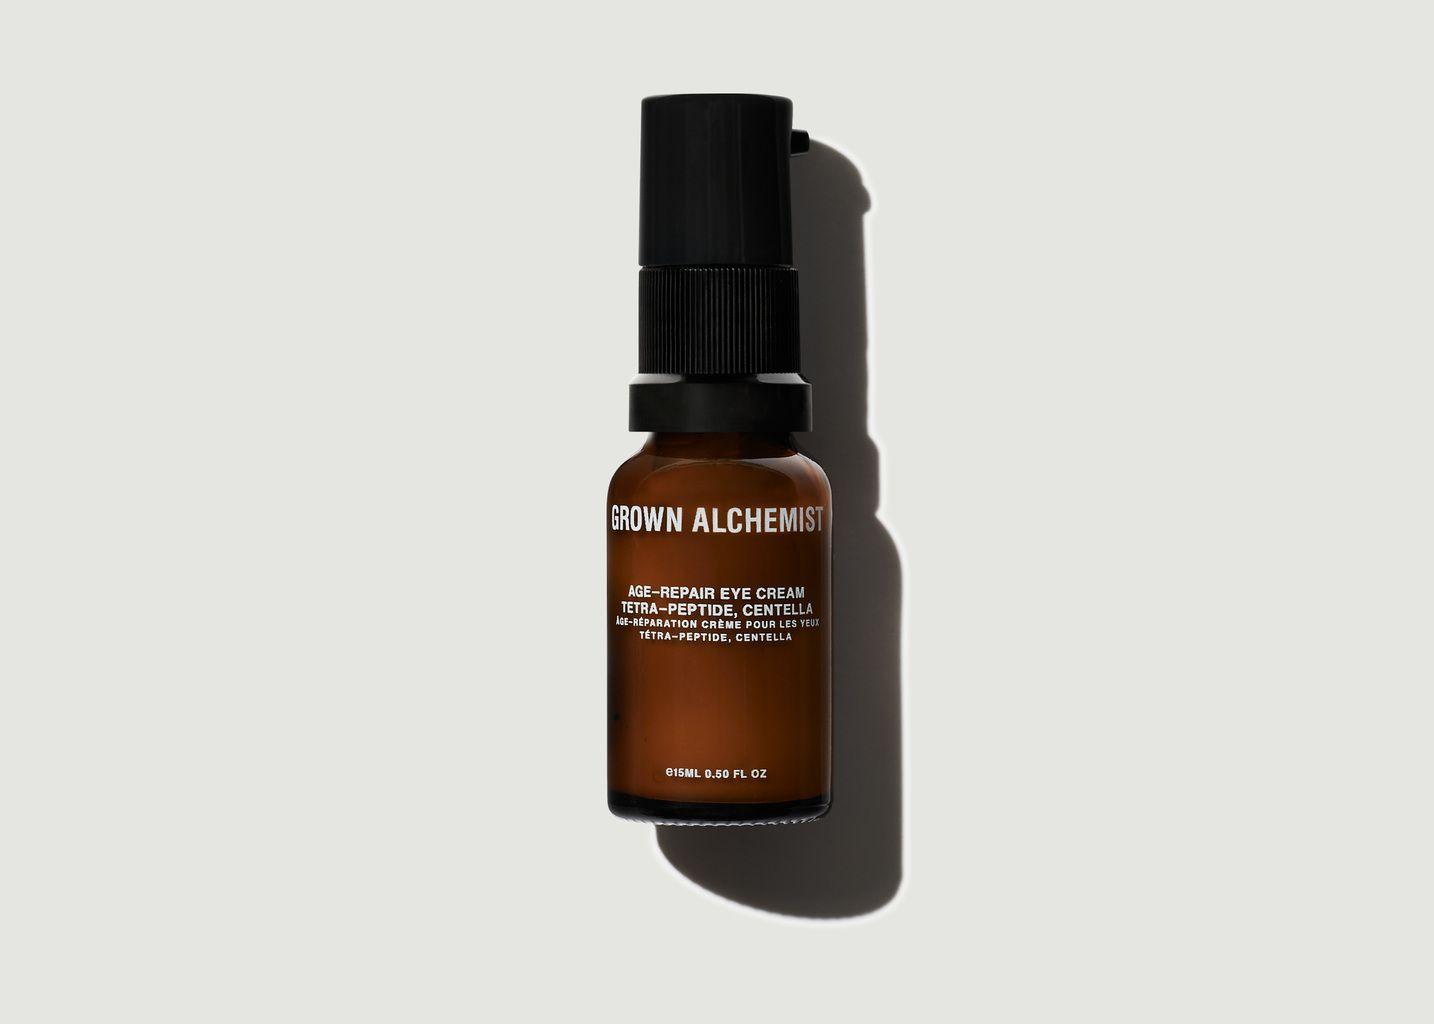 Crème anti-âge pour les yeux 15ml - Grown Alchemist